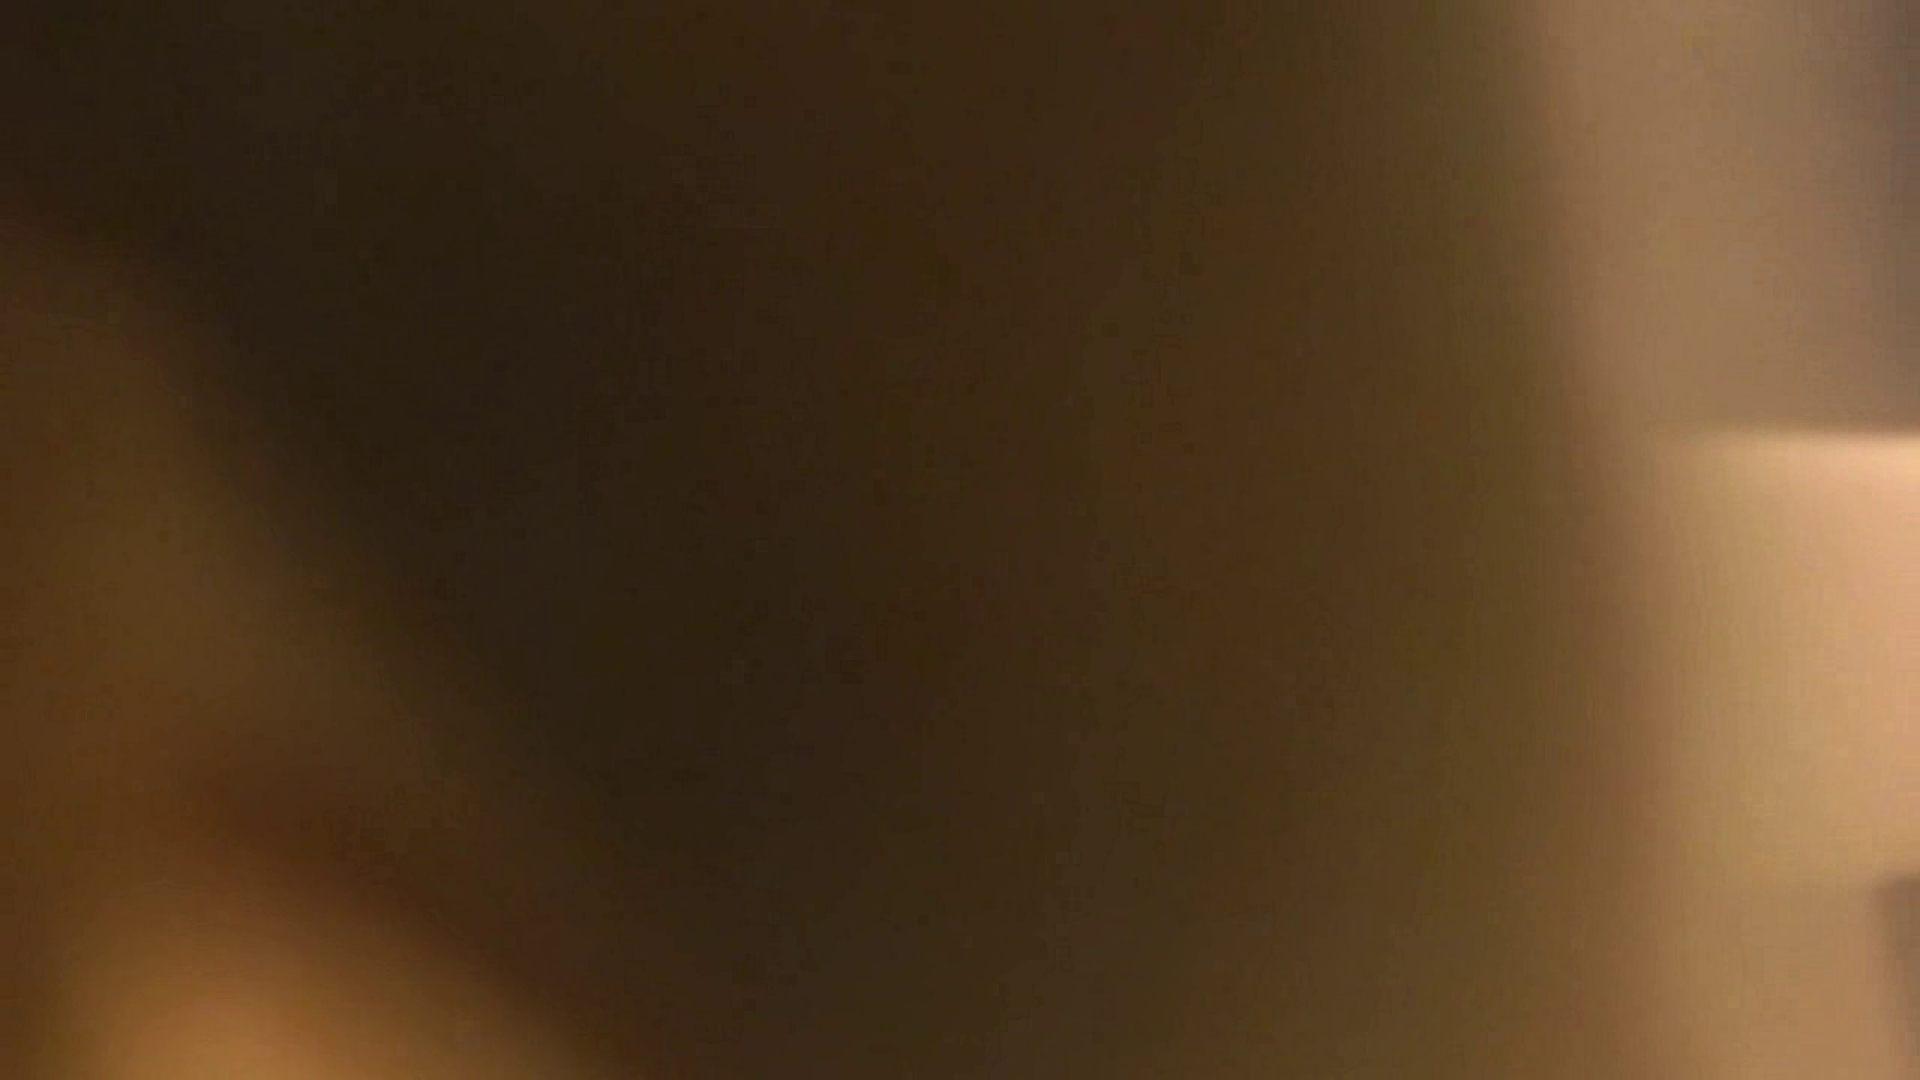 vol.1 Mayumi 窓越しに入浴シーン撮影に成功 入浴中の女性   OLのボディ  57PIX 31